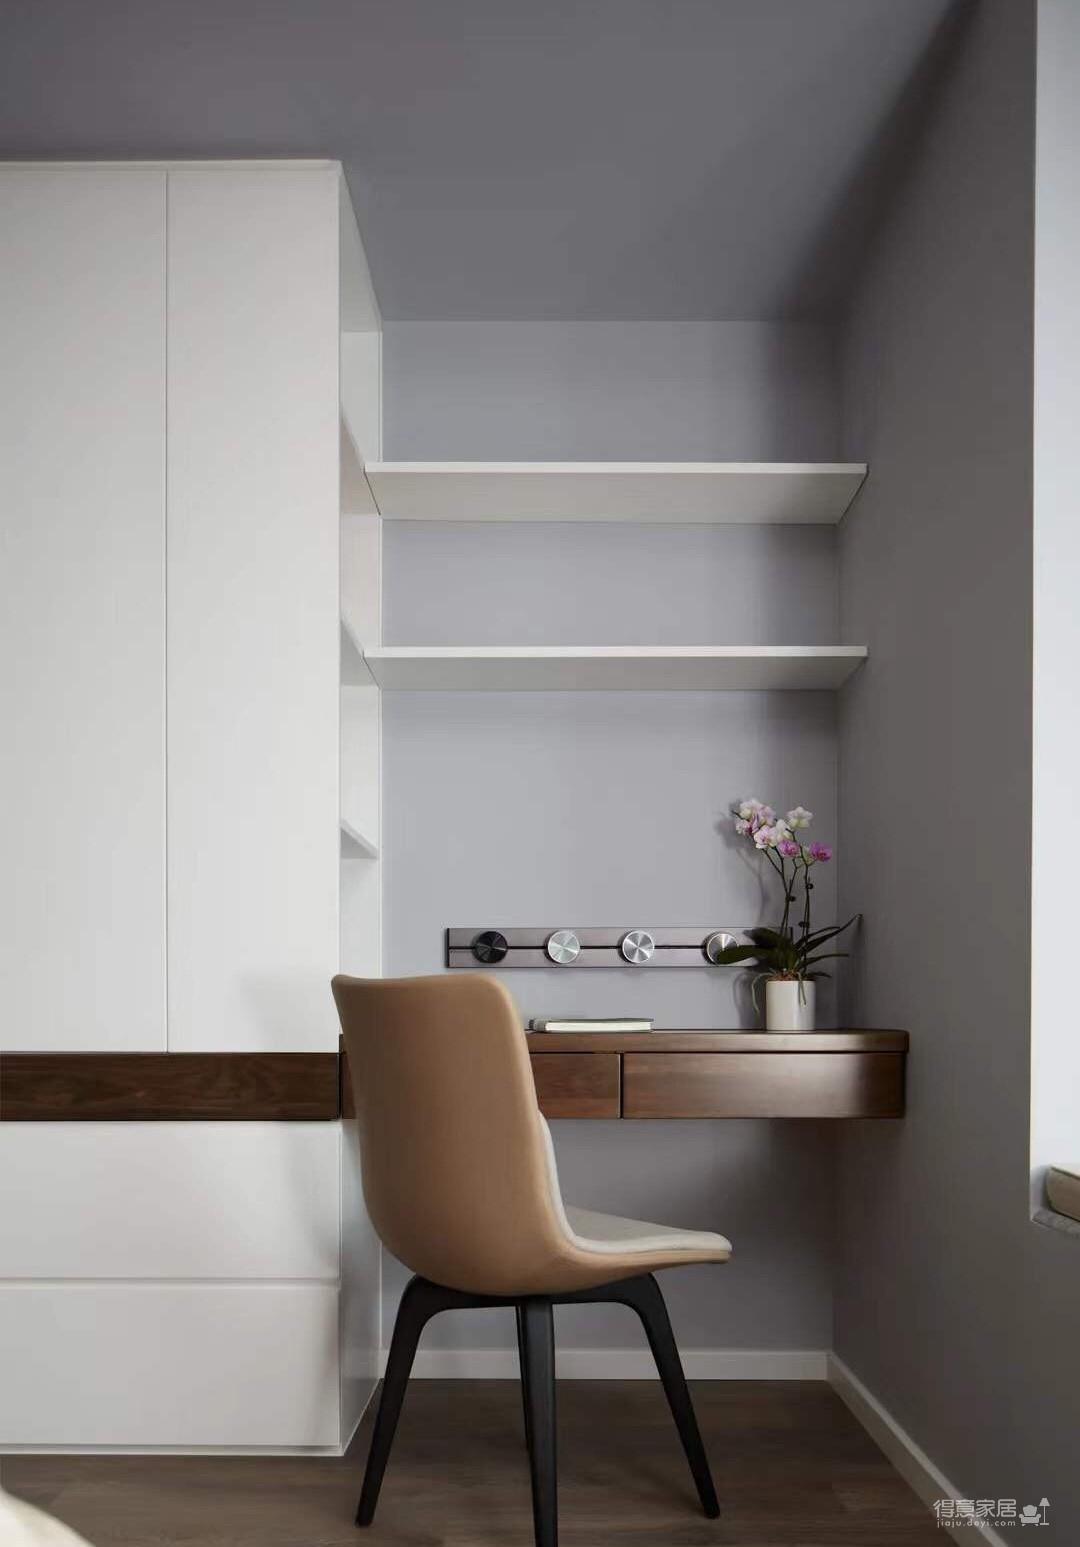 160㎡复古时尚现代住宅,自然宁静、高级优雅的格调。